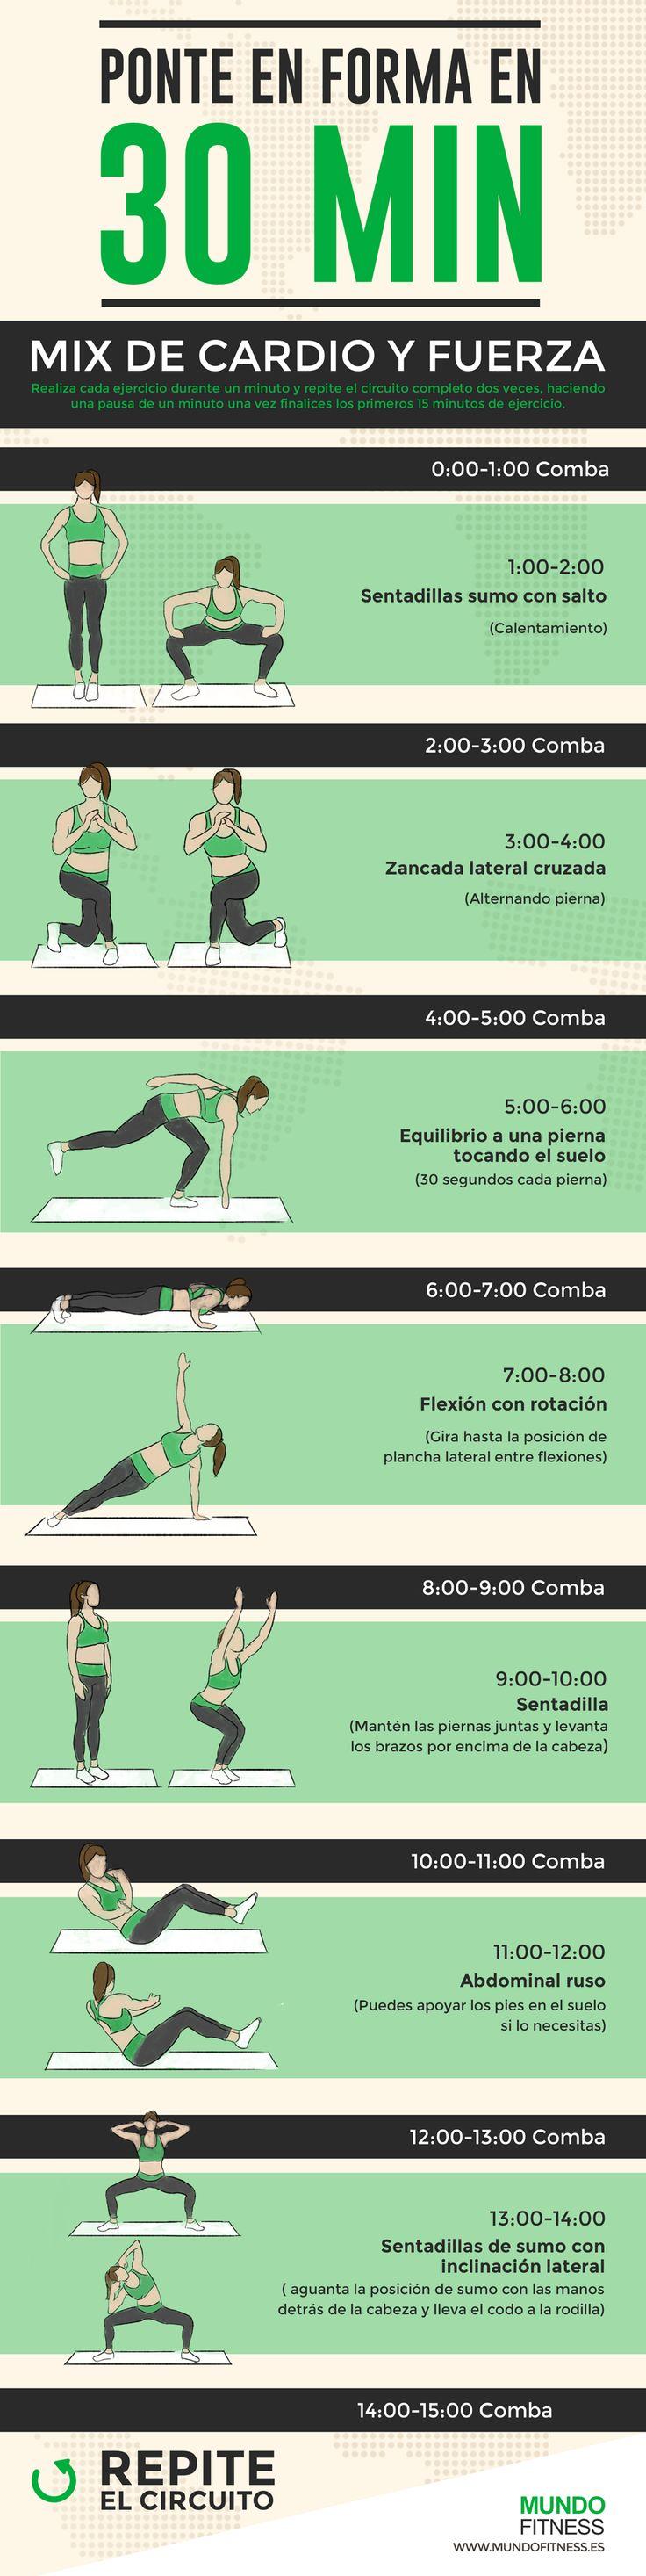 Ponte en forma en 30 minutos rutina de cardio y fuerza for Gimnasio 30 minutos